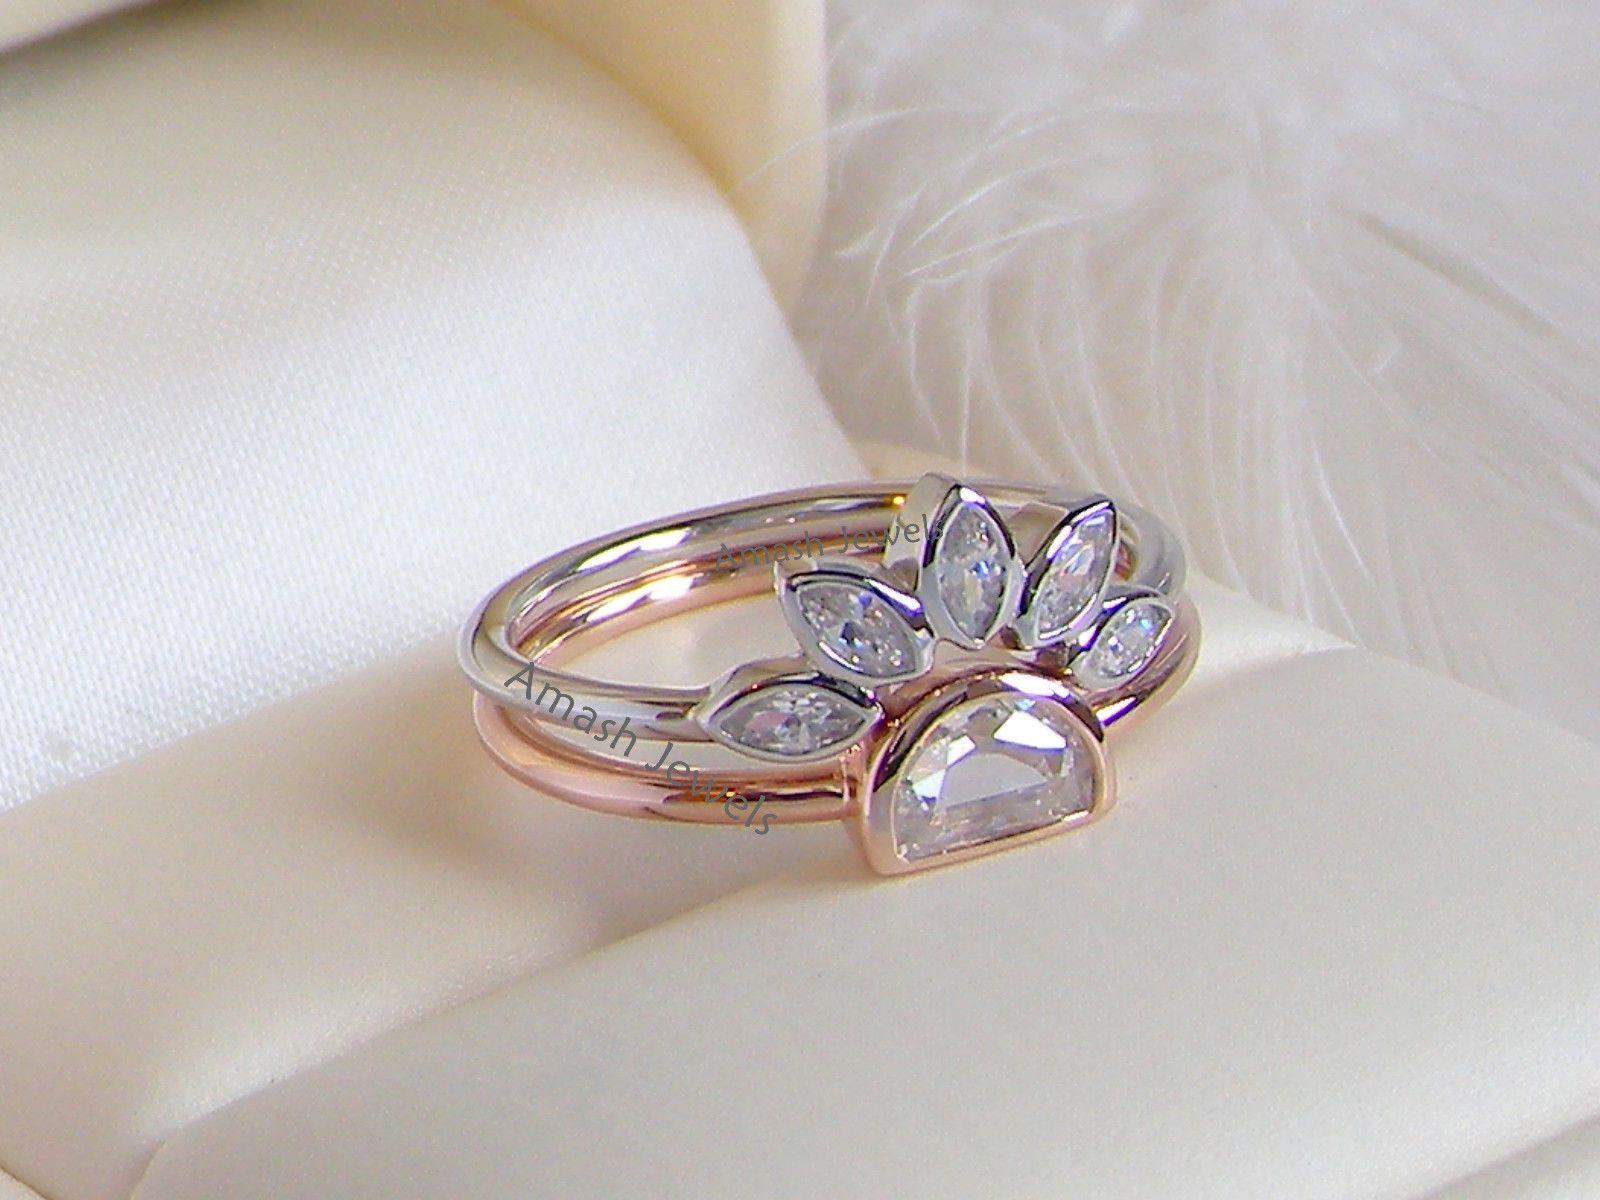 Eternity Ring Wedding Ring Diamond Ring Full Finger Ring Gold Ring